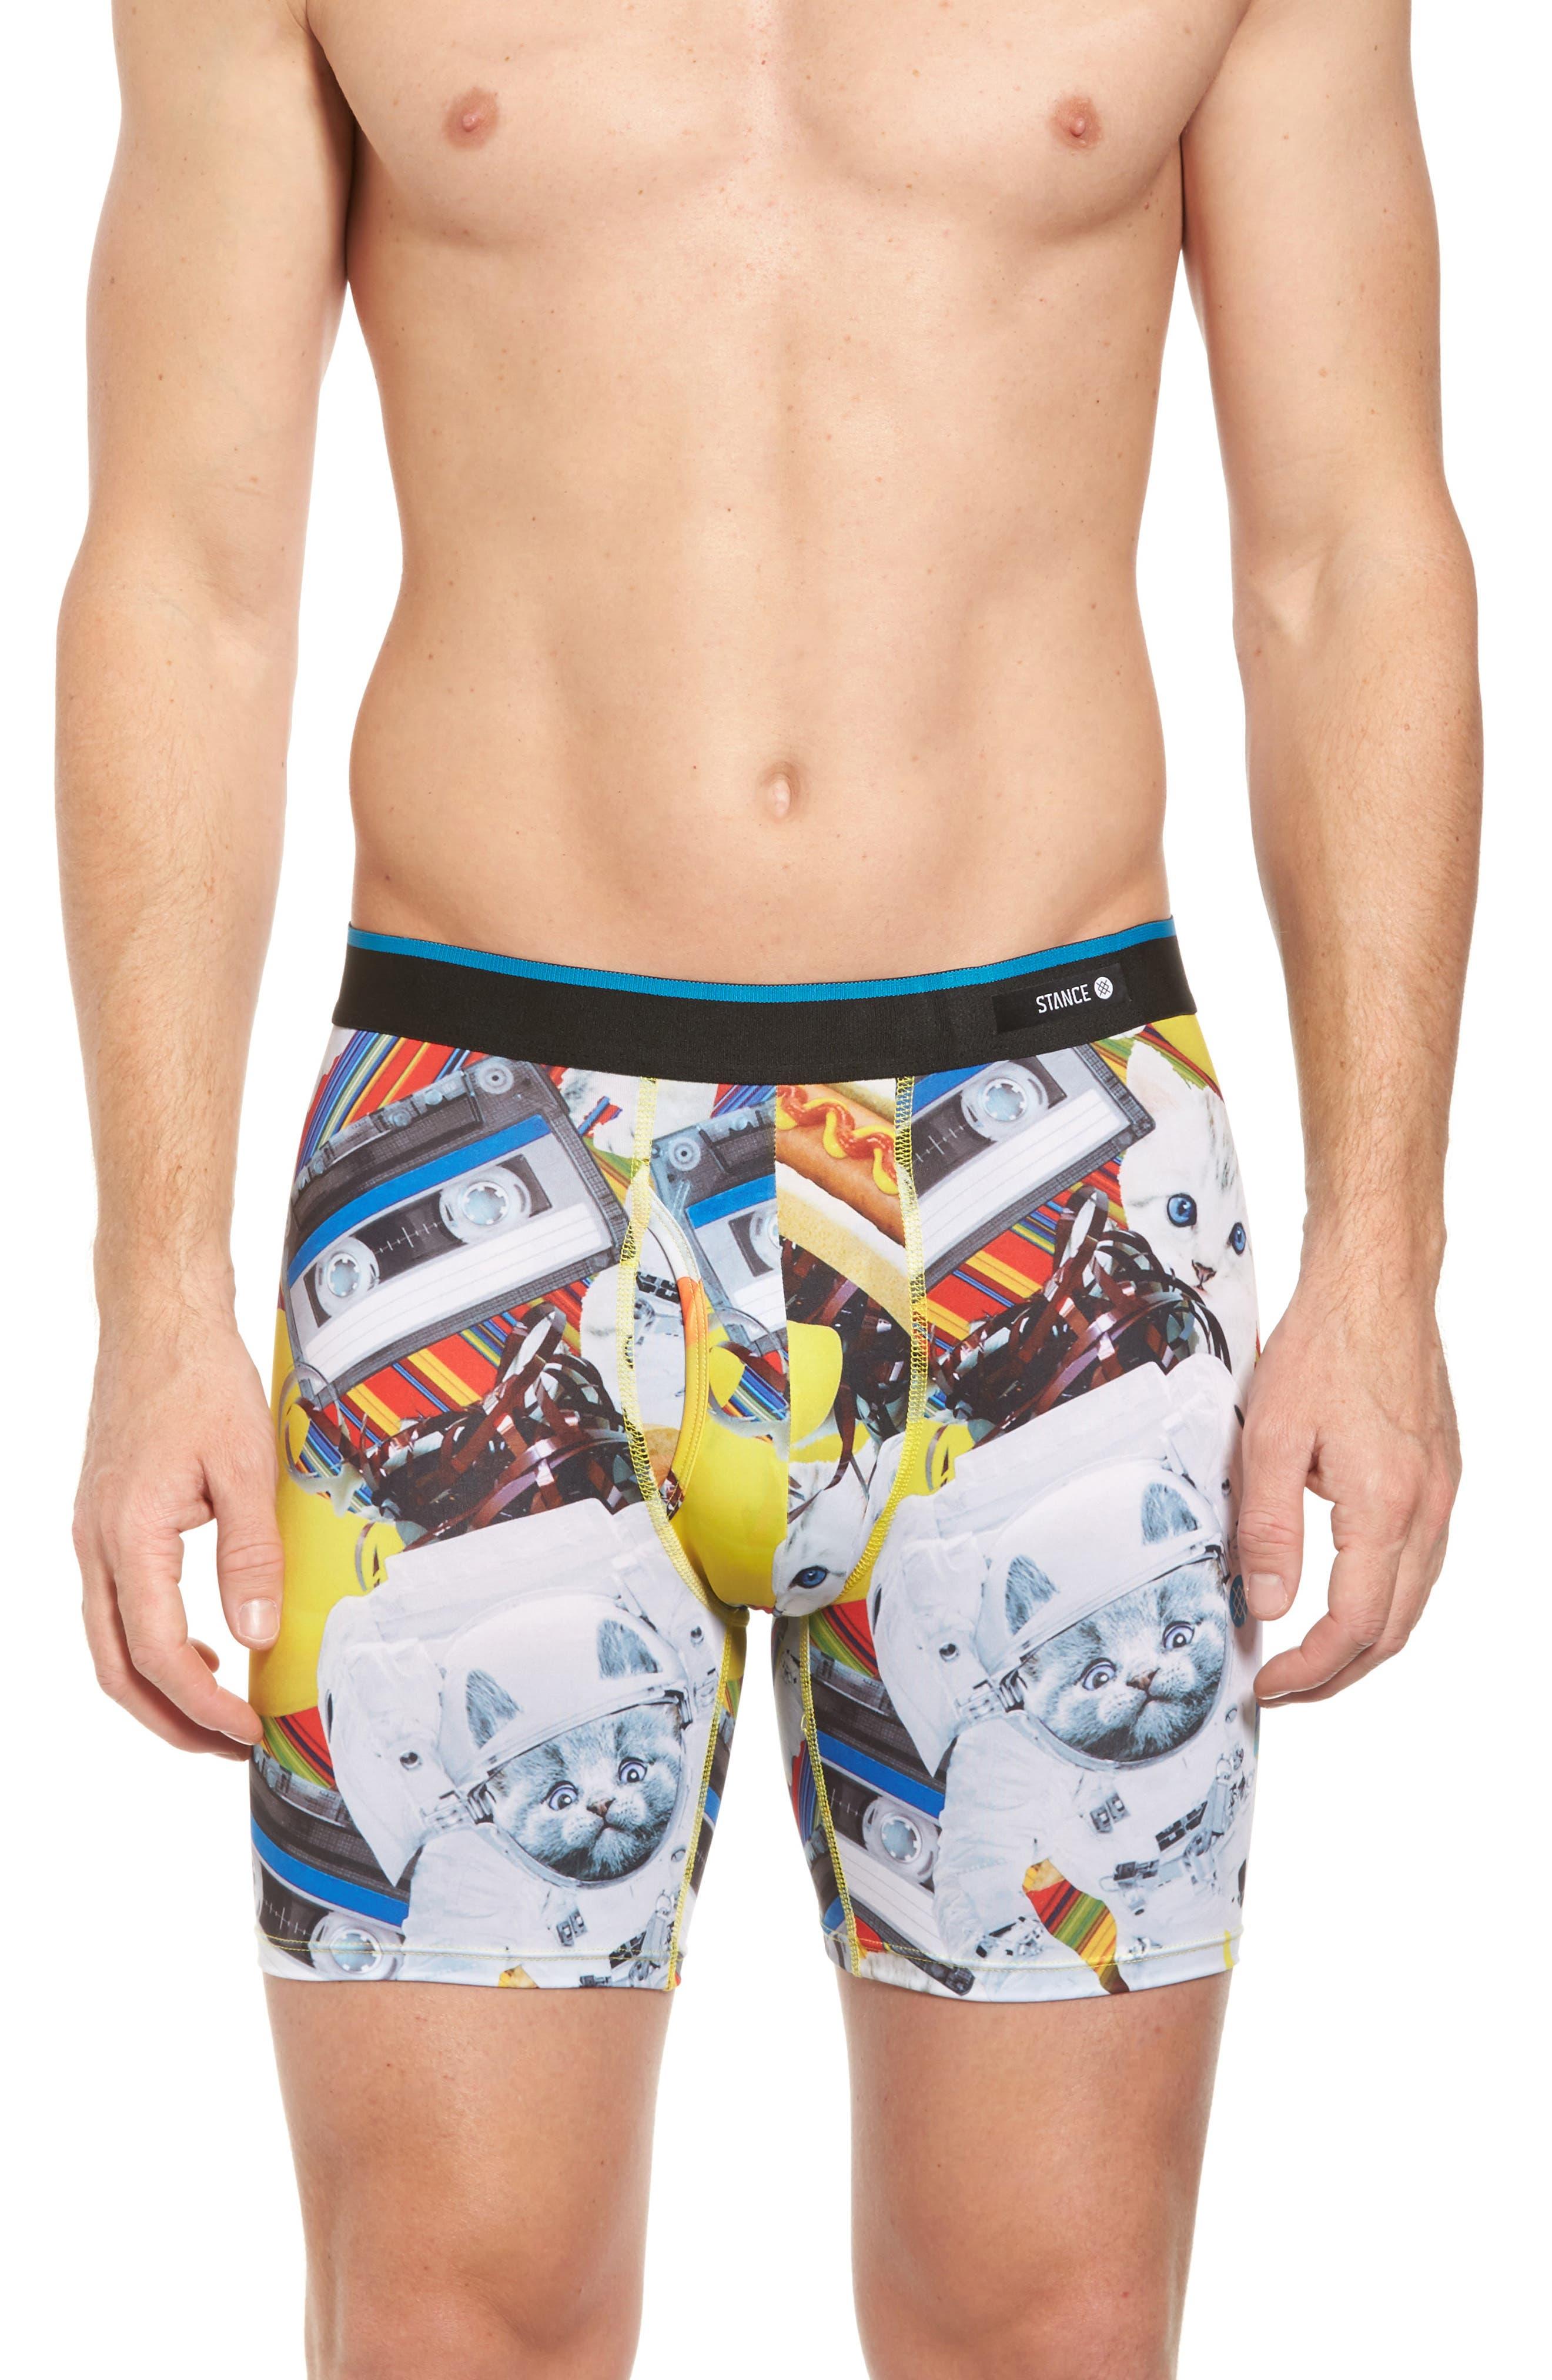 Castronaut Boxer Briefs,                         Main,                         color,